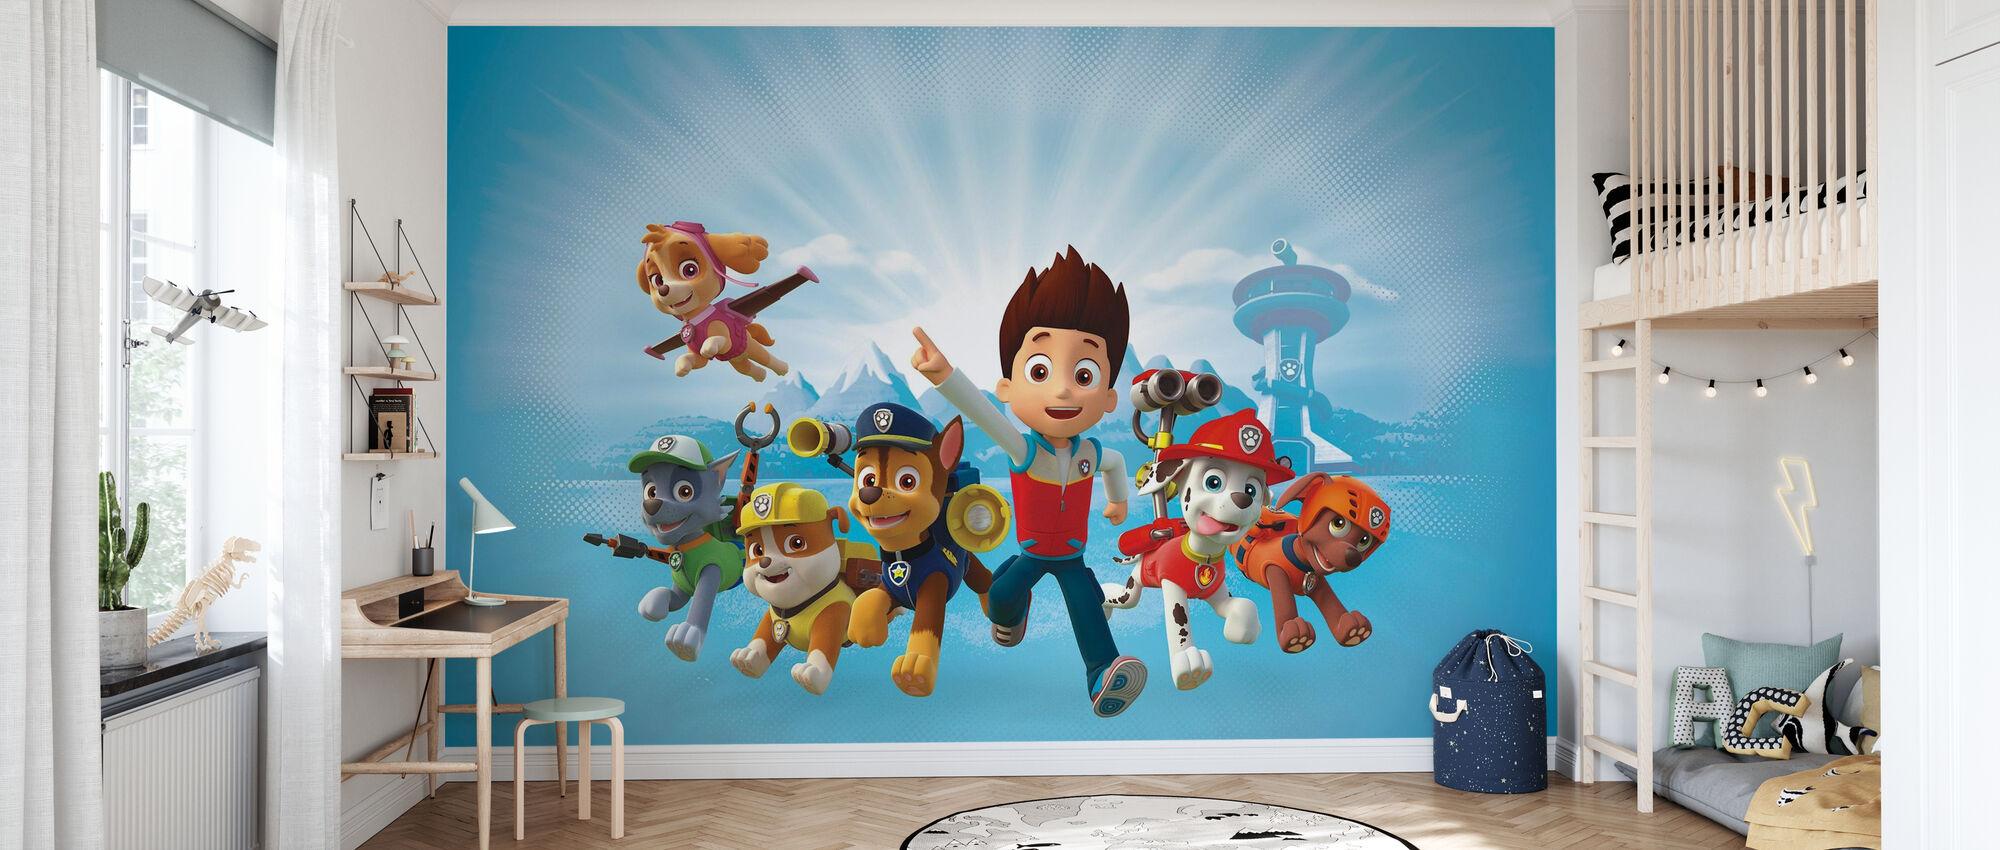 PAW Patrol - PAW Patrol ist auf einer Rolle - Tapete - Kinderzimmer